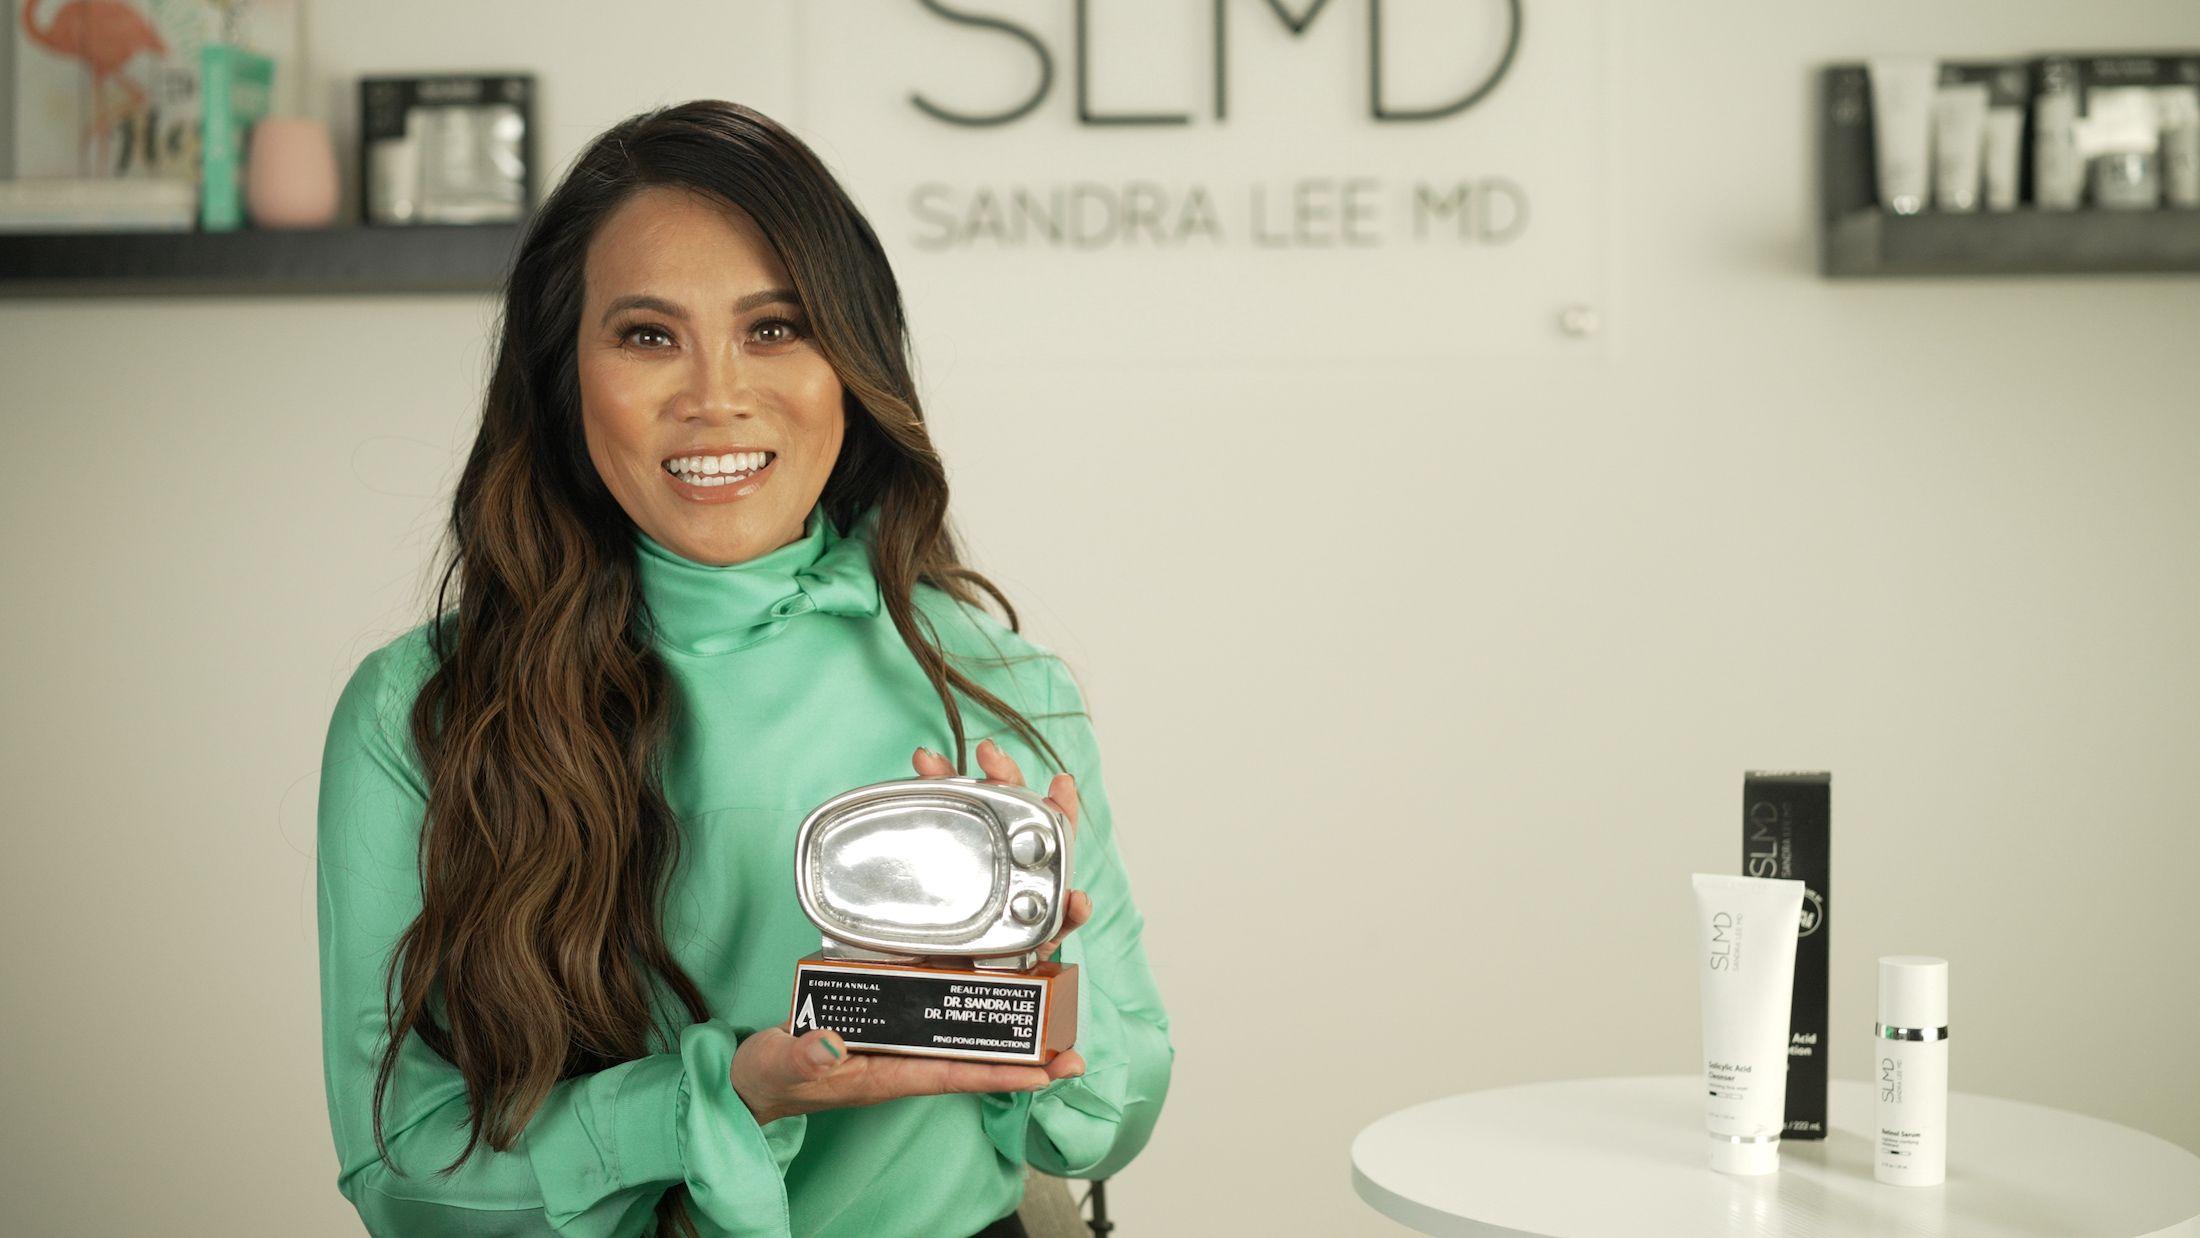 Dr Sandra Lee - Dr. Pimple Popper